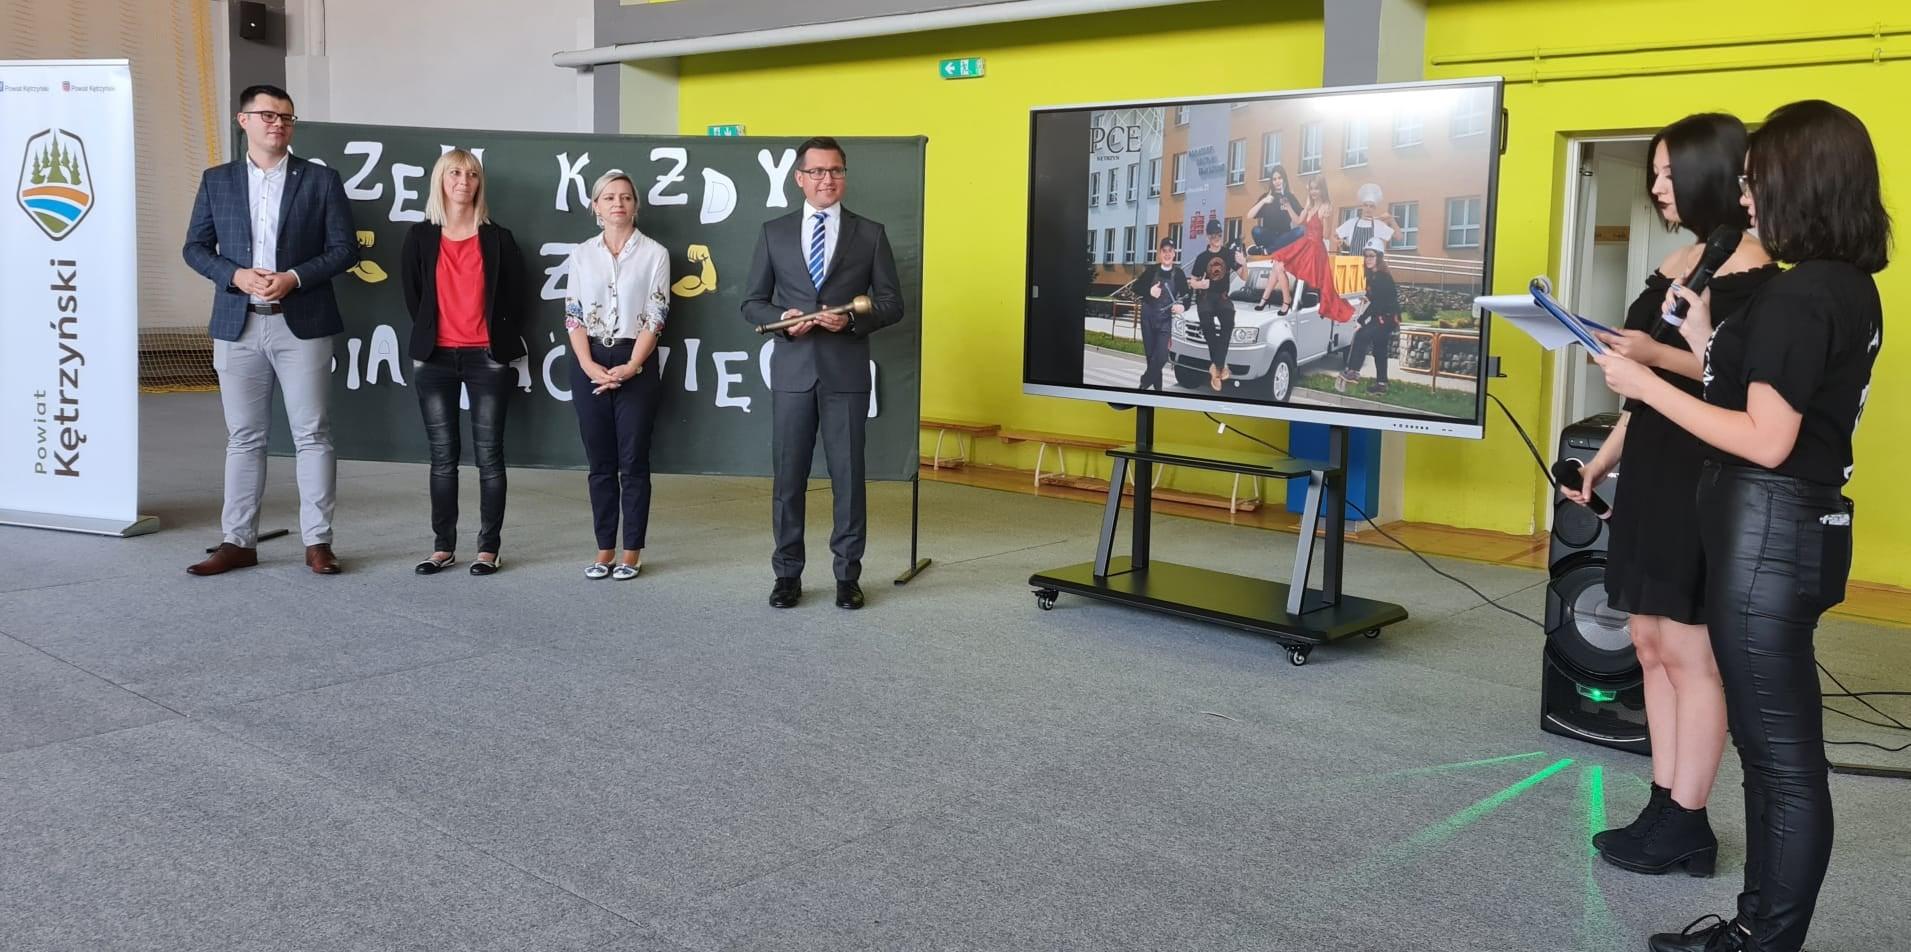 Zdjęcie przedstawia Starostę Michała Kochanowskiego na uroczystościach w Powiatowym Centrum Edukacji